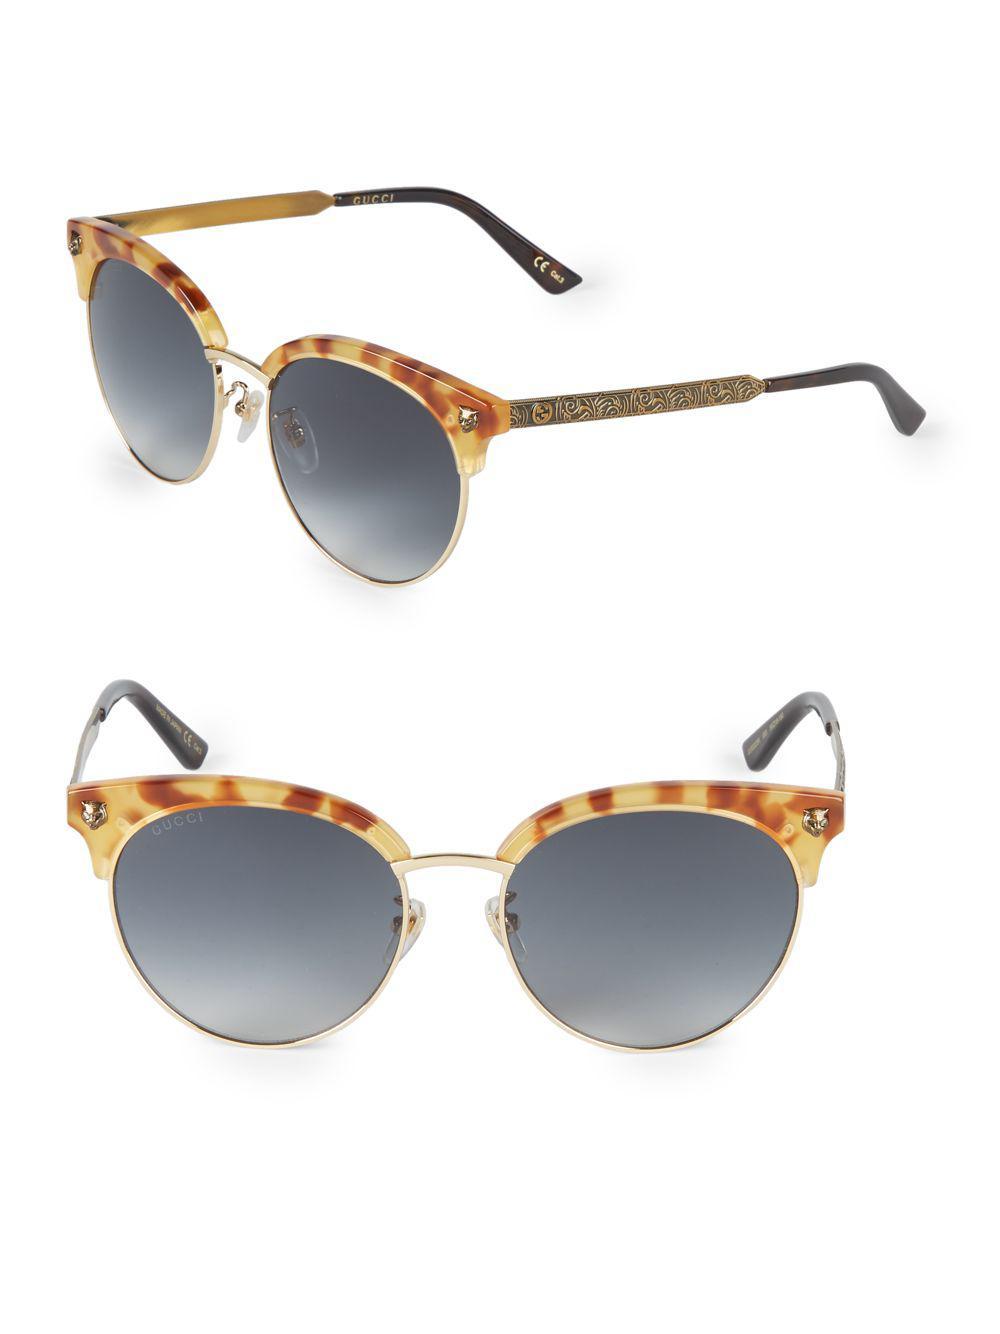 625f5438613 Gucci - Multicolor 56mm Clubmaster Sunglasses - Lyst. View fullscreen